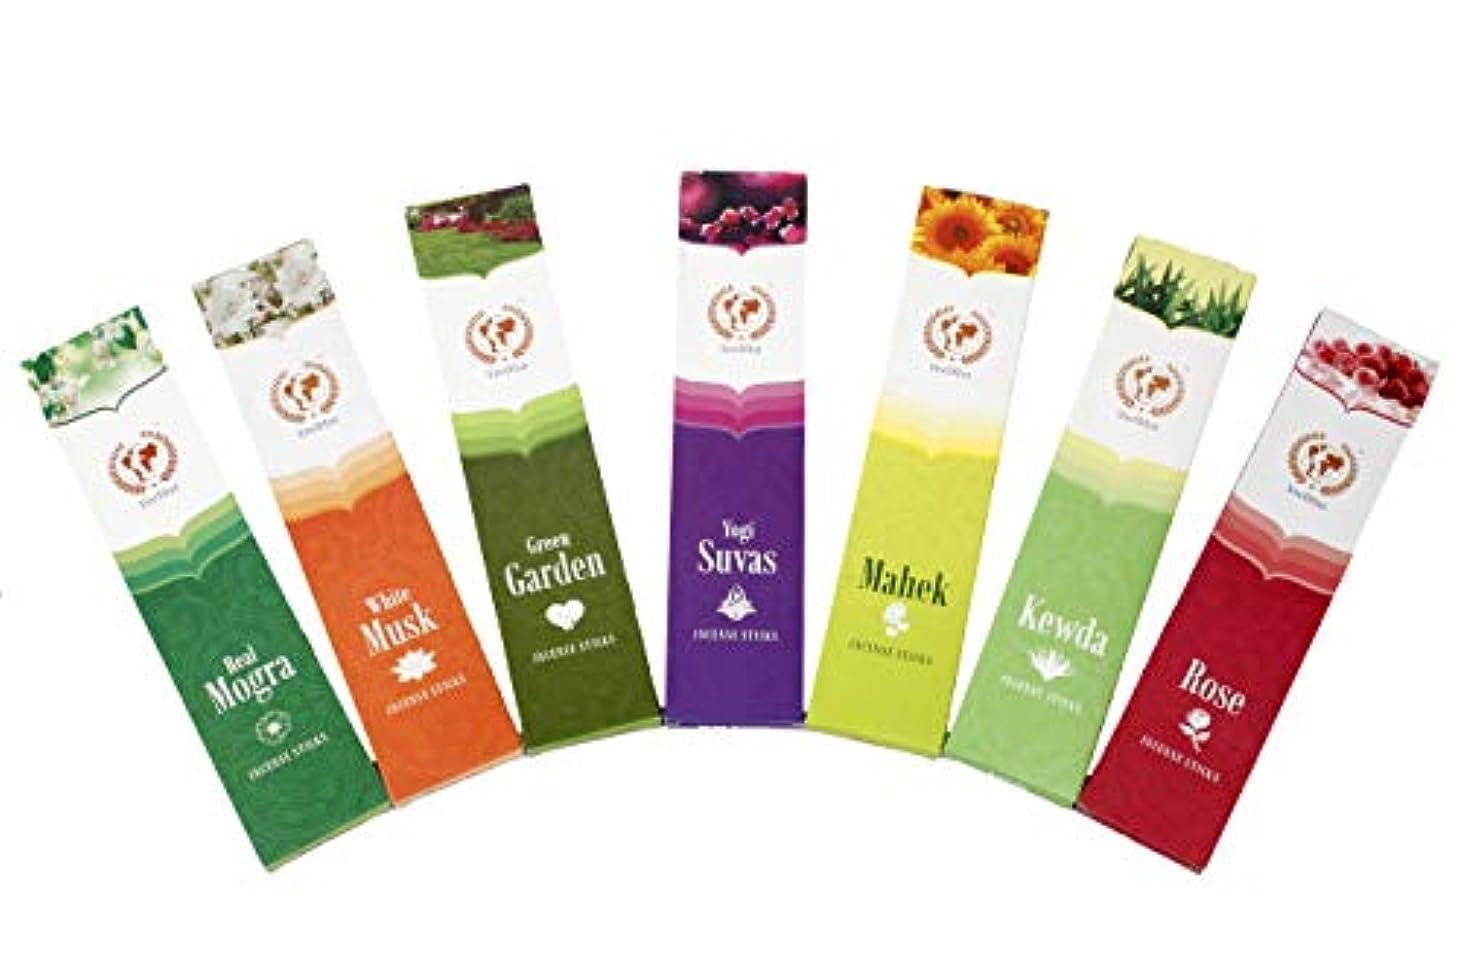 タクト変化ウガンダVeeDInt Premium Quality Incense Sticks | Real Mogra, White Musk, Green Garden, Yogi Suvas, Mahek, Kewda, Rose,...